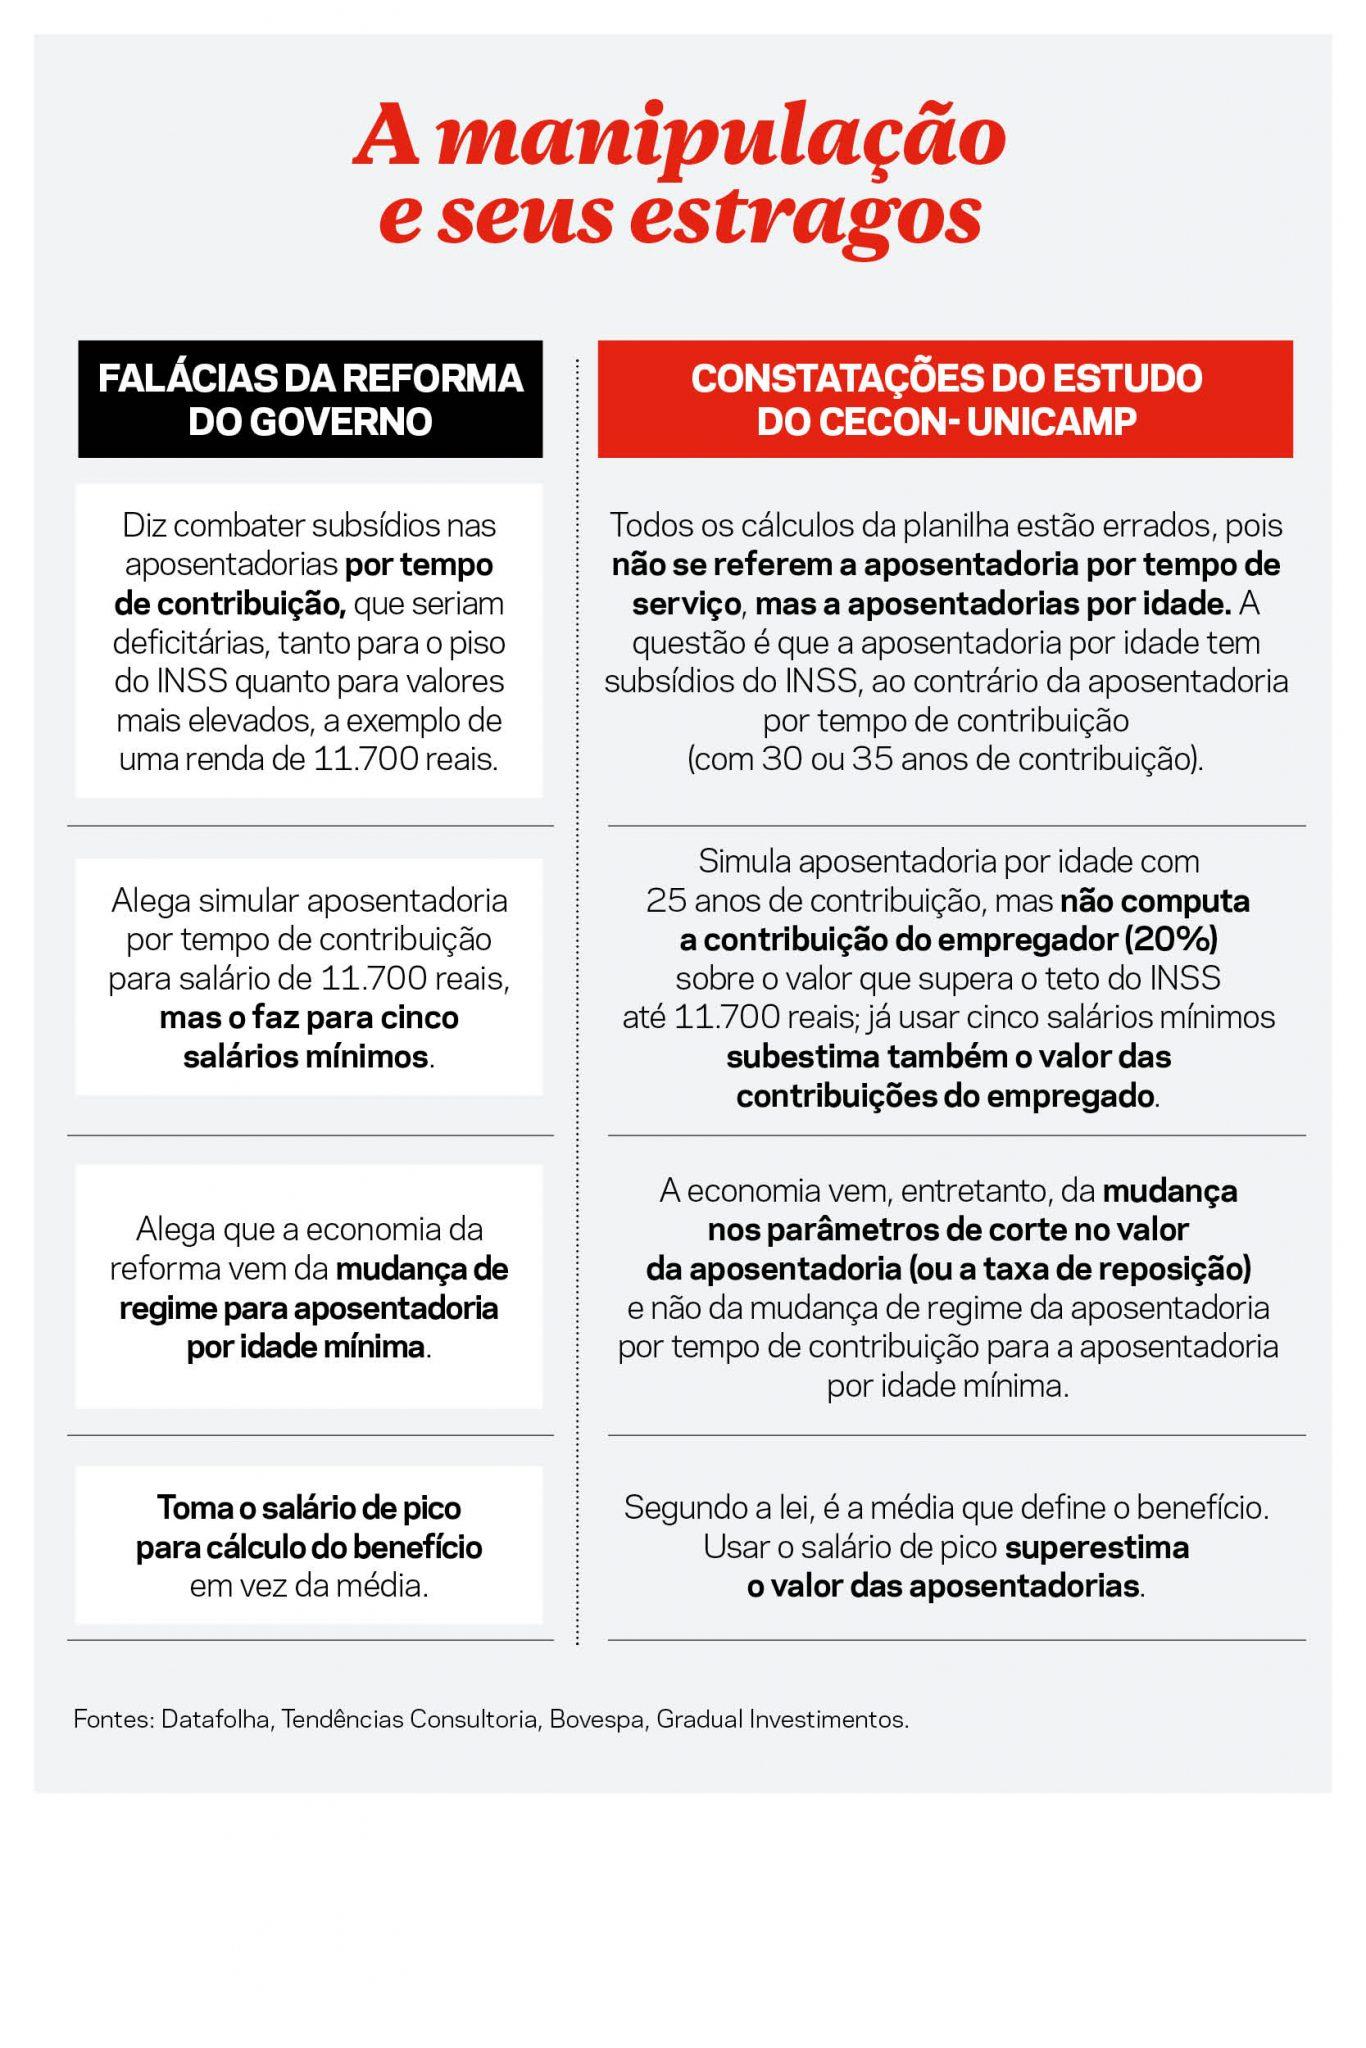 RepCapa 1 1072 - 'O GOVERNO ENGANOU A TODOS': Revista mostra 'trapaça' do Governo Bolsonaro em cálculos da reforma da Previdência